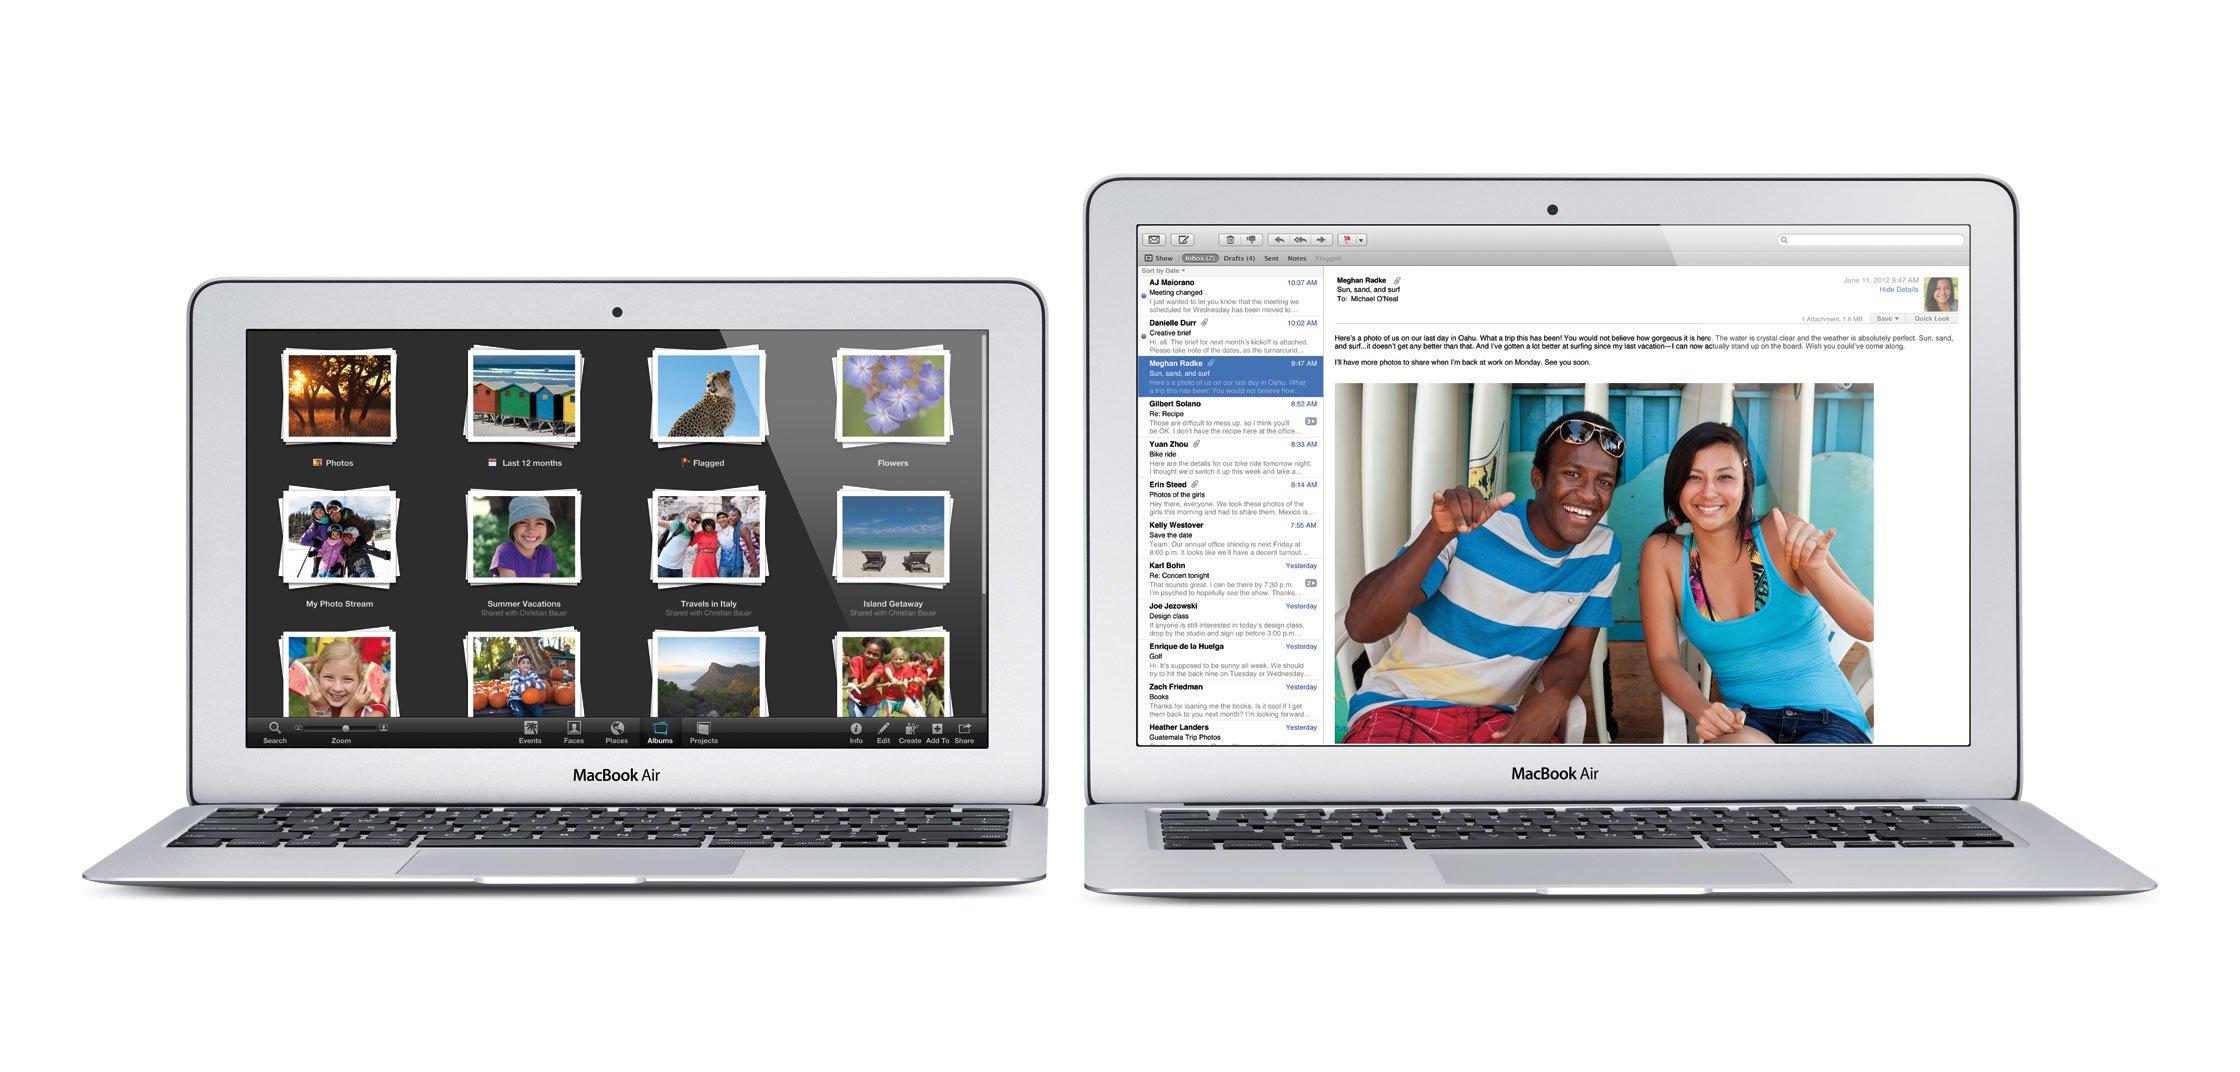 Günstigeres Macbook Air 2014 mit mehr Akku & Laufzeit: KEINE AUSREDEN MEHR! 1